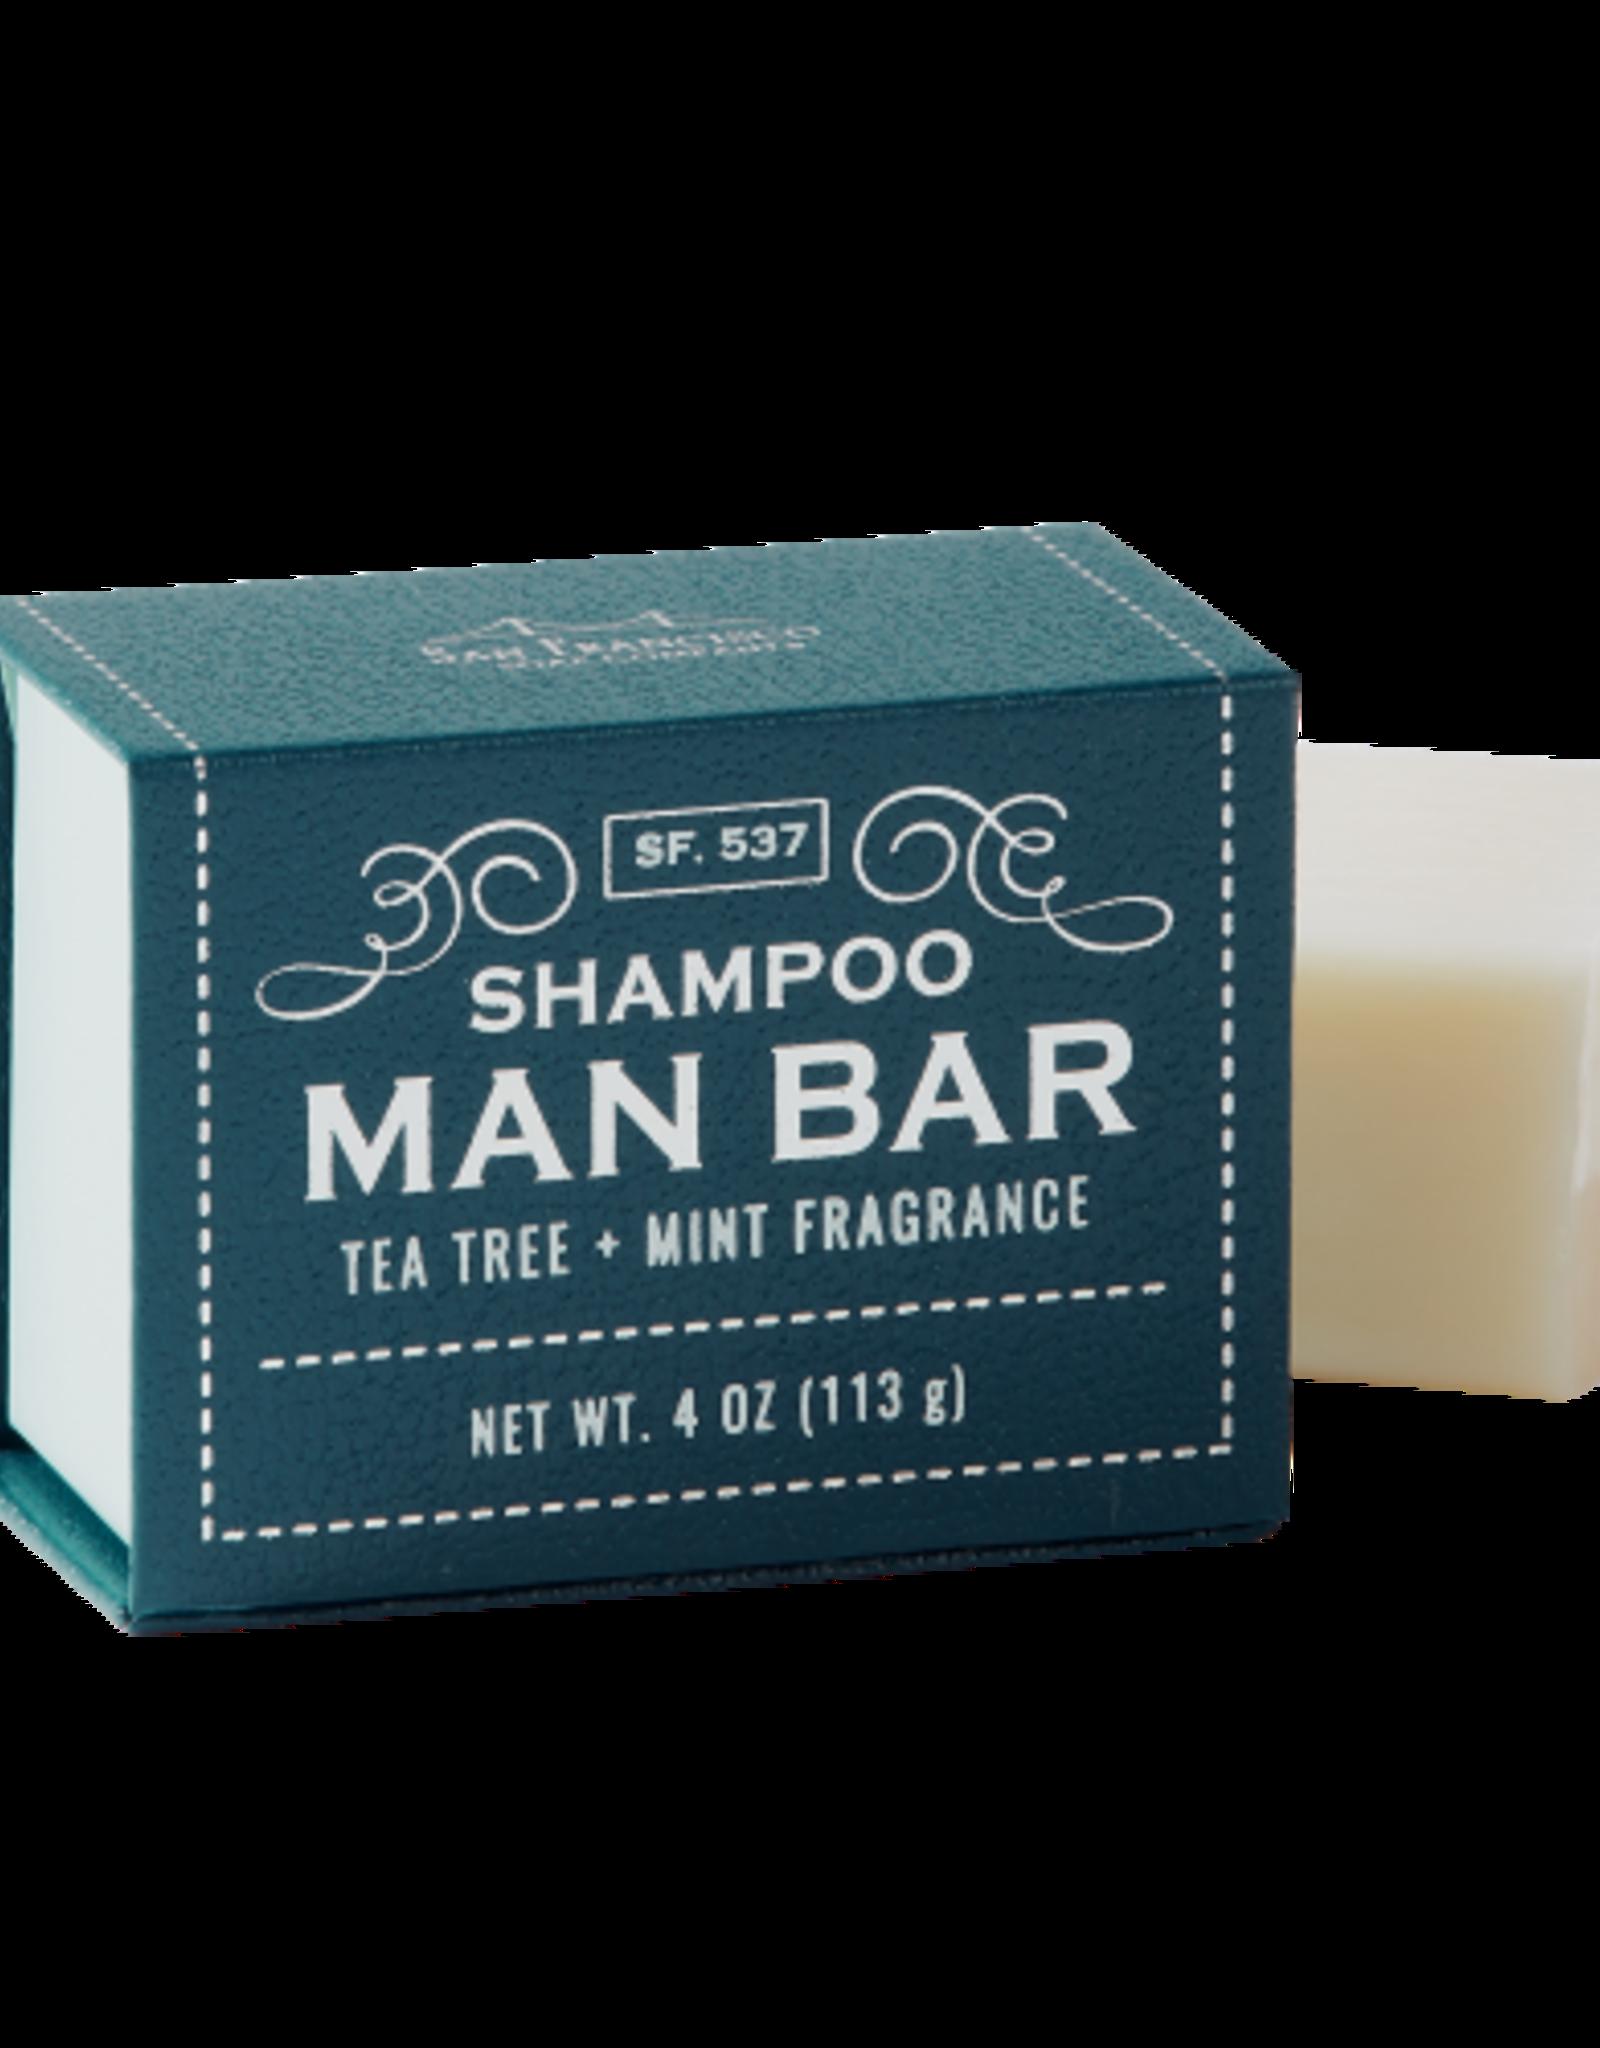 SAN FRANCISCO SOAP COMPANY SHAMPOO BAR TEA TREE AND MINT